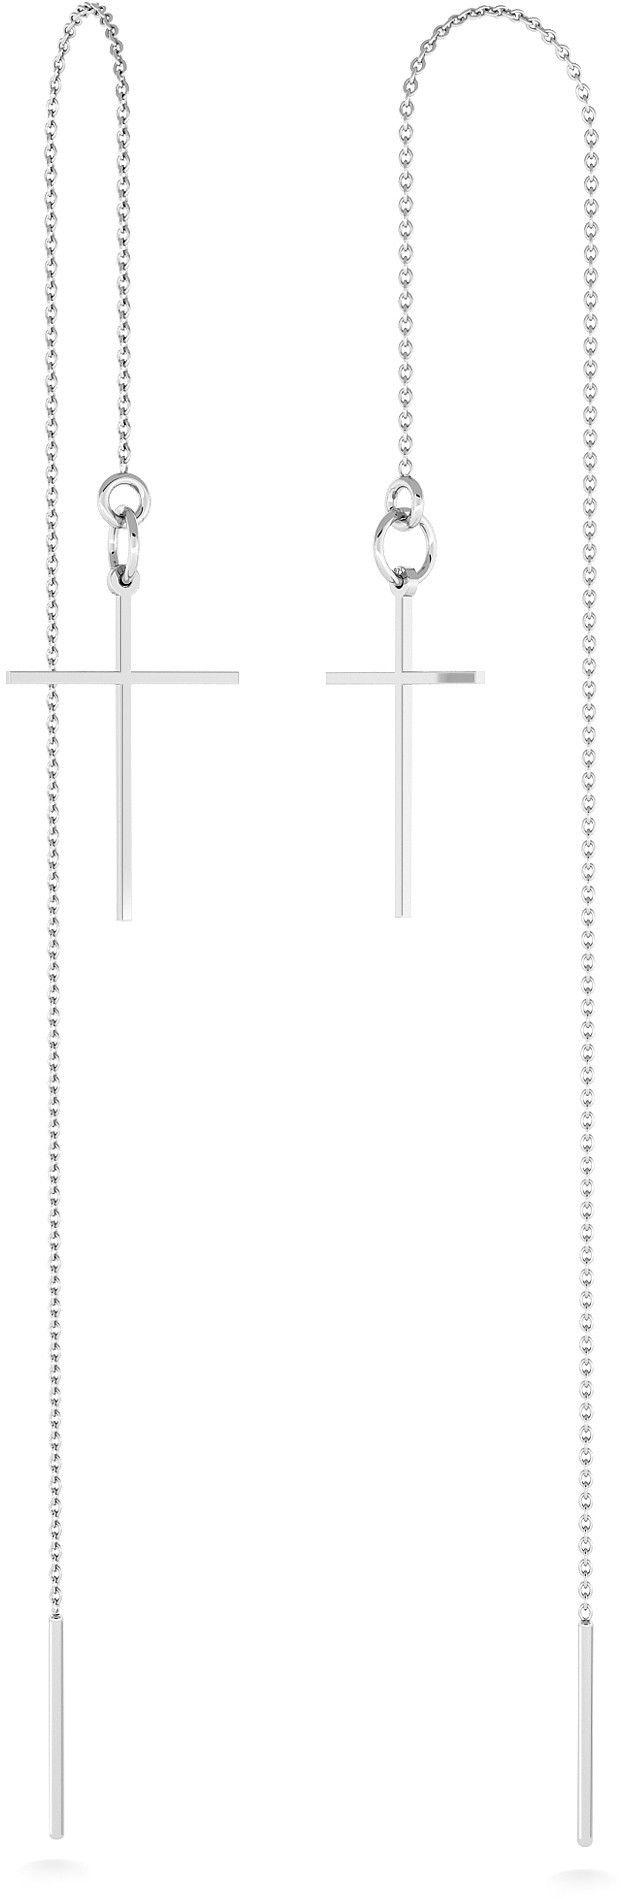 Srebrne kolczyki przewlekane z krzyżykiem, srebro 925 : Srebro - kolor pokrycia - Pokrycie platyną